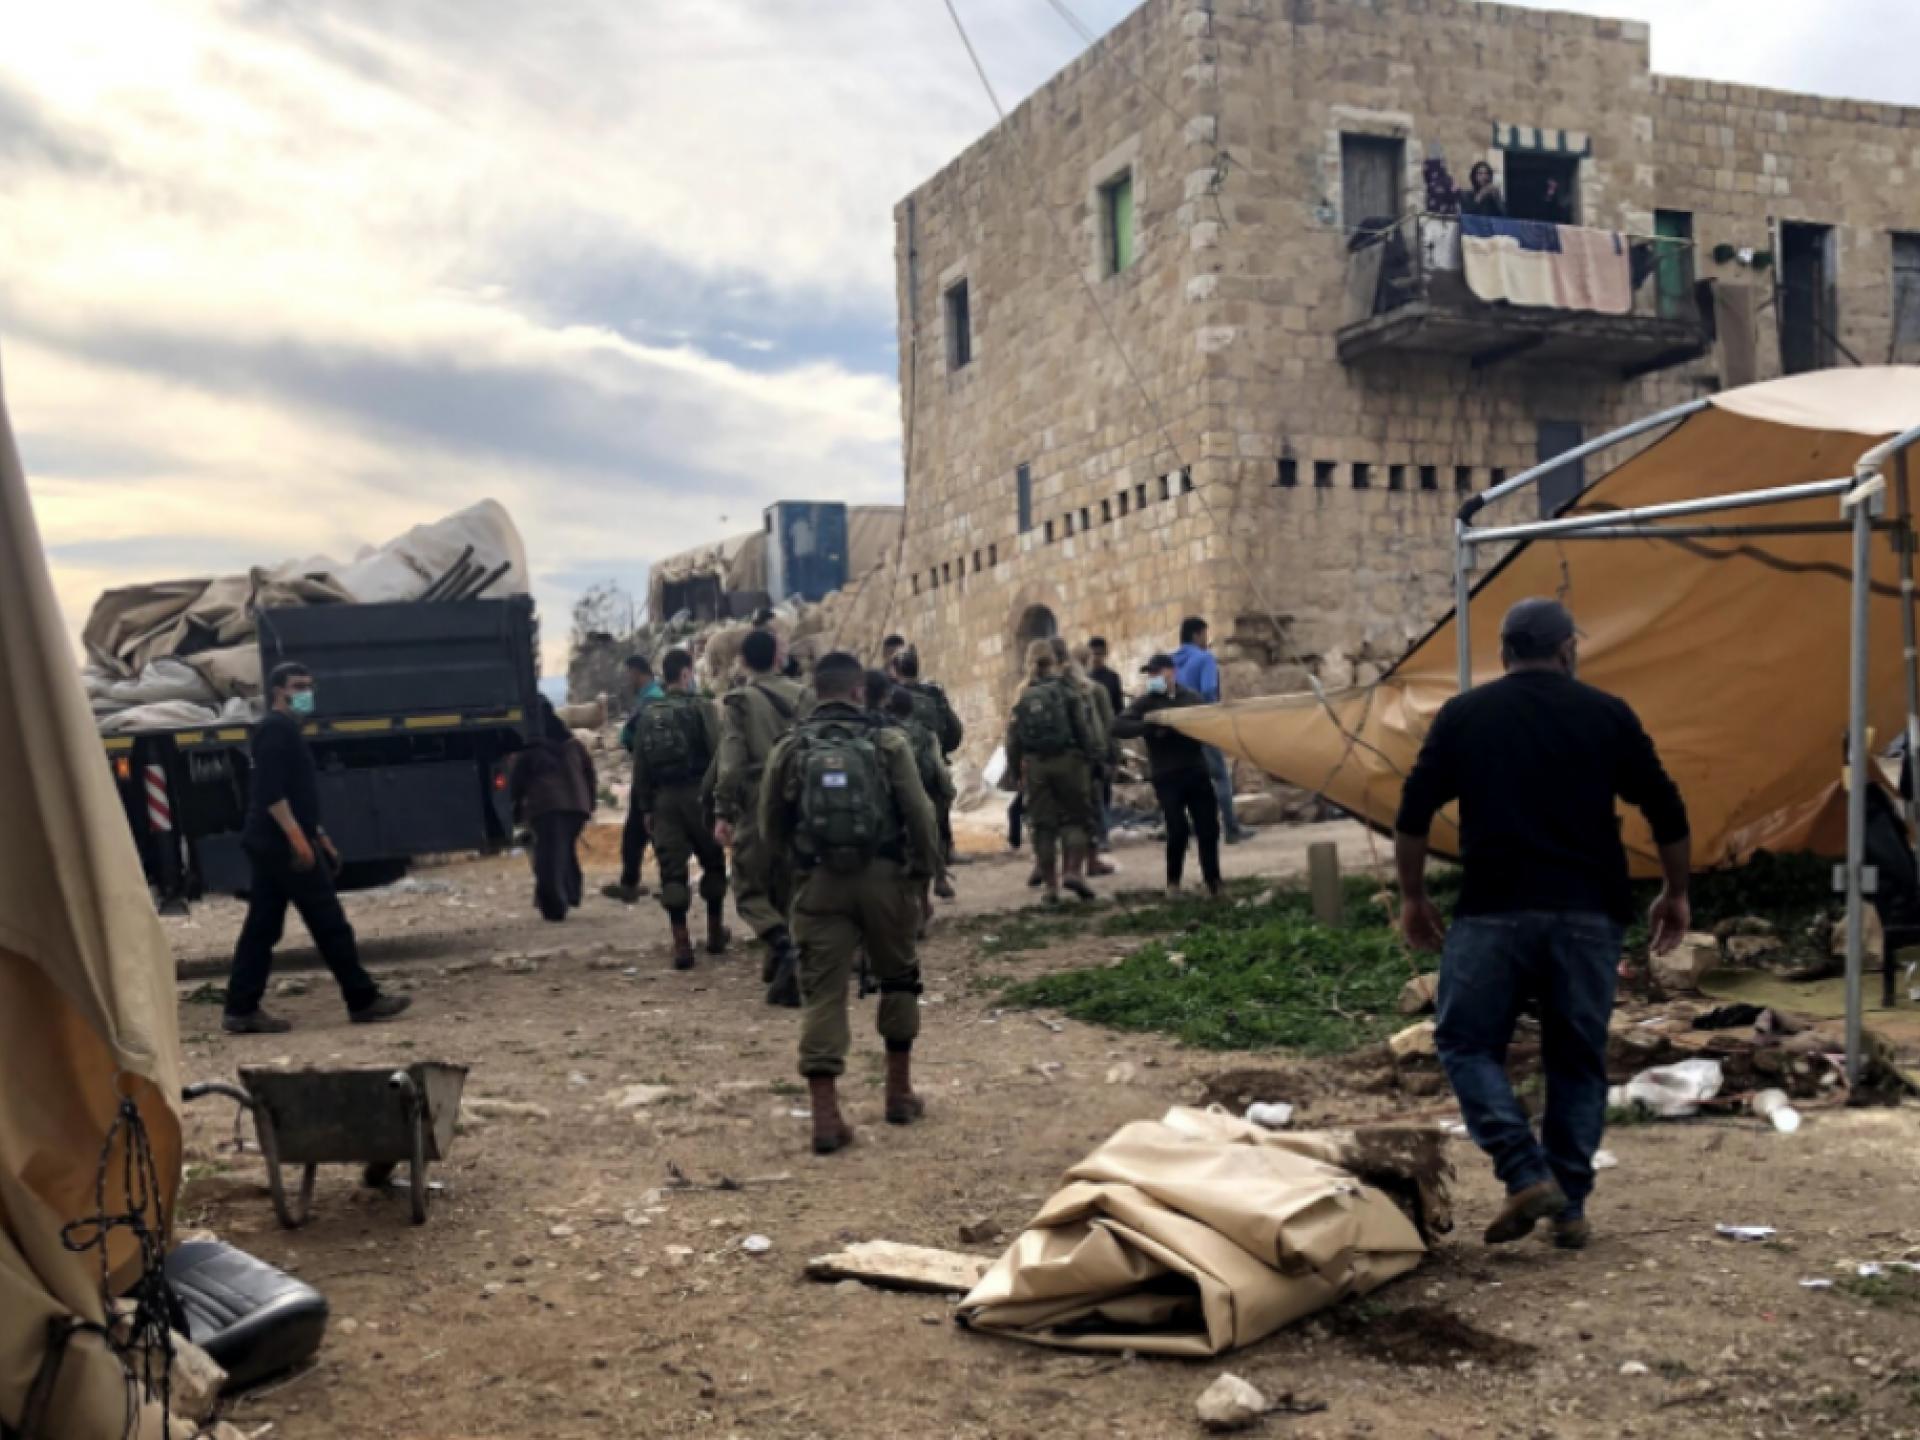 חיילים מסתובביפ בחצר של הפלסטינים ומפרקים סככה לכבשים